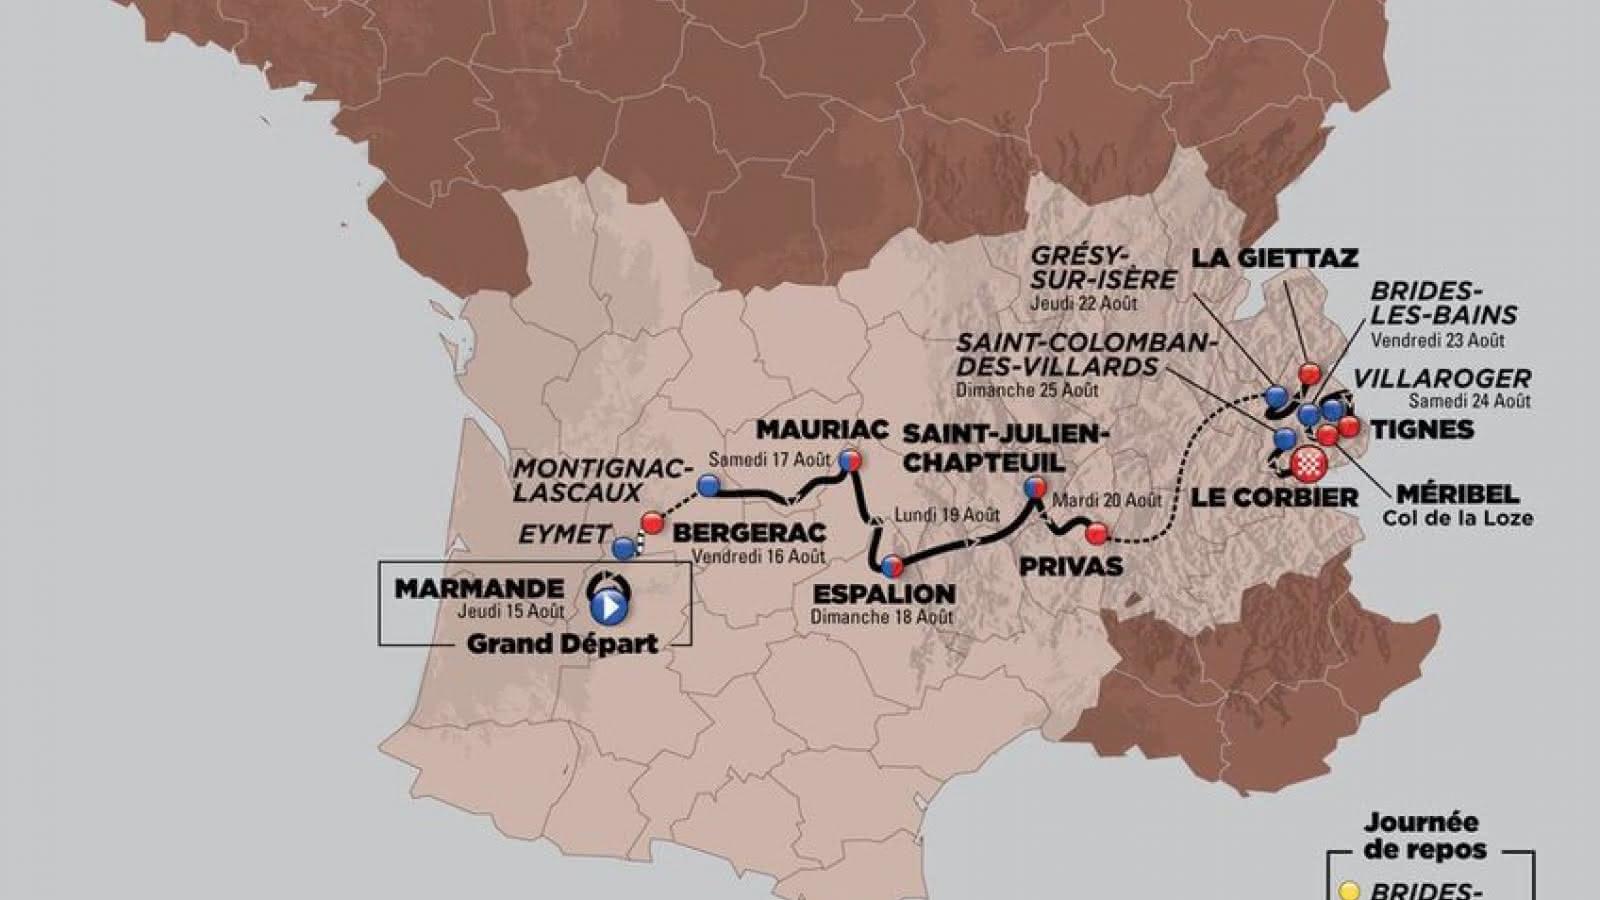 Parcours Tour de l'Avenir 2019